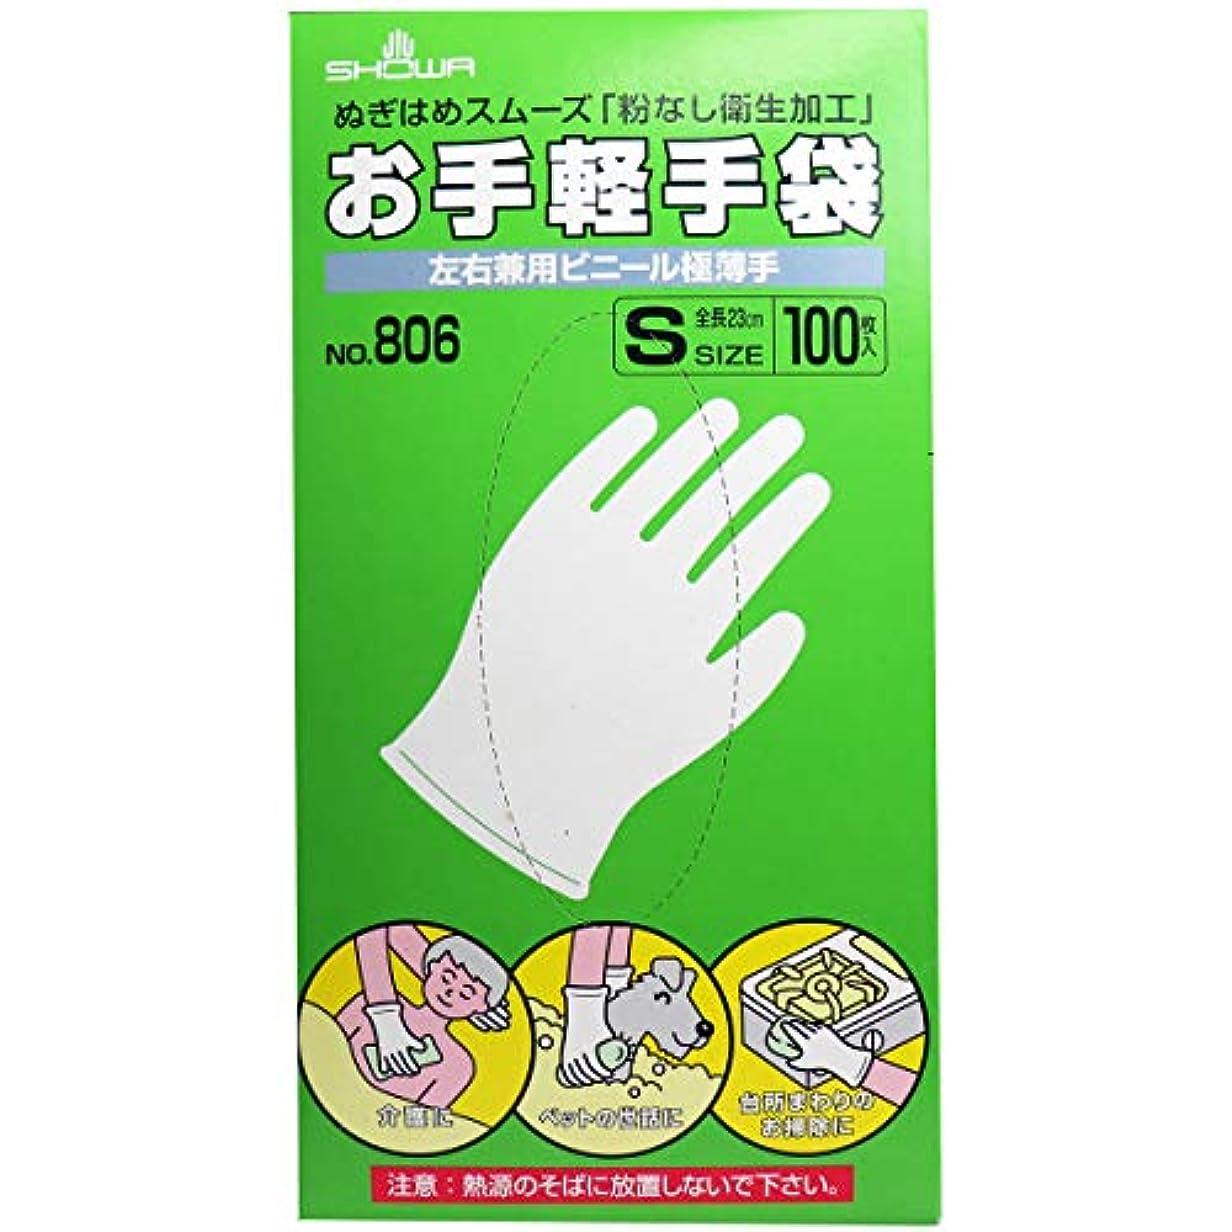 お手軽手袋 No.806 左右兼用ビニール極薄手 粉なし Sサイズ 100枚入×5個セット(管理番号 4901792033589)